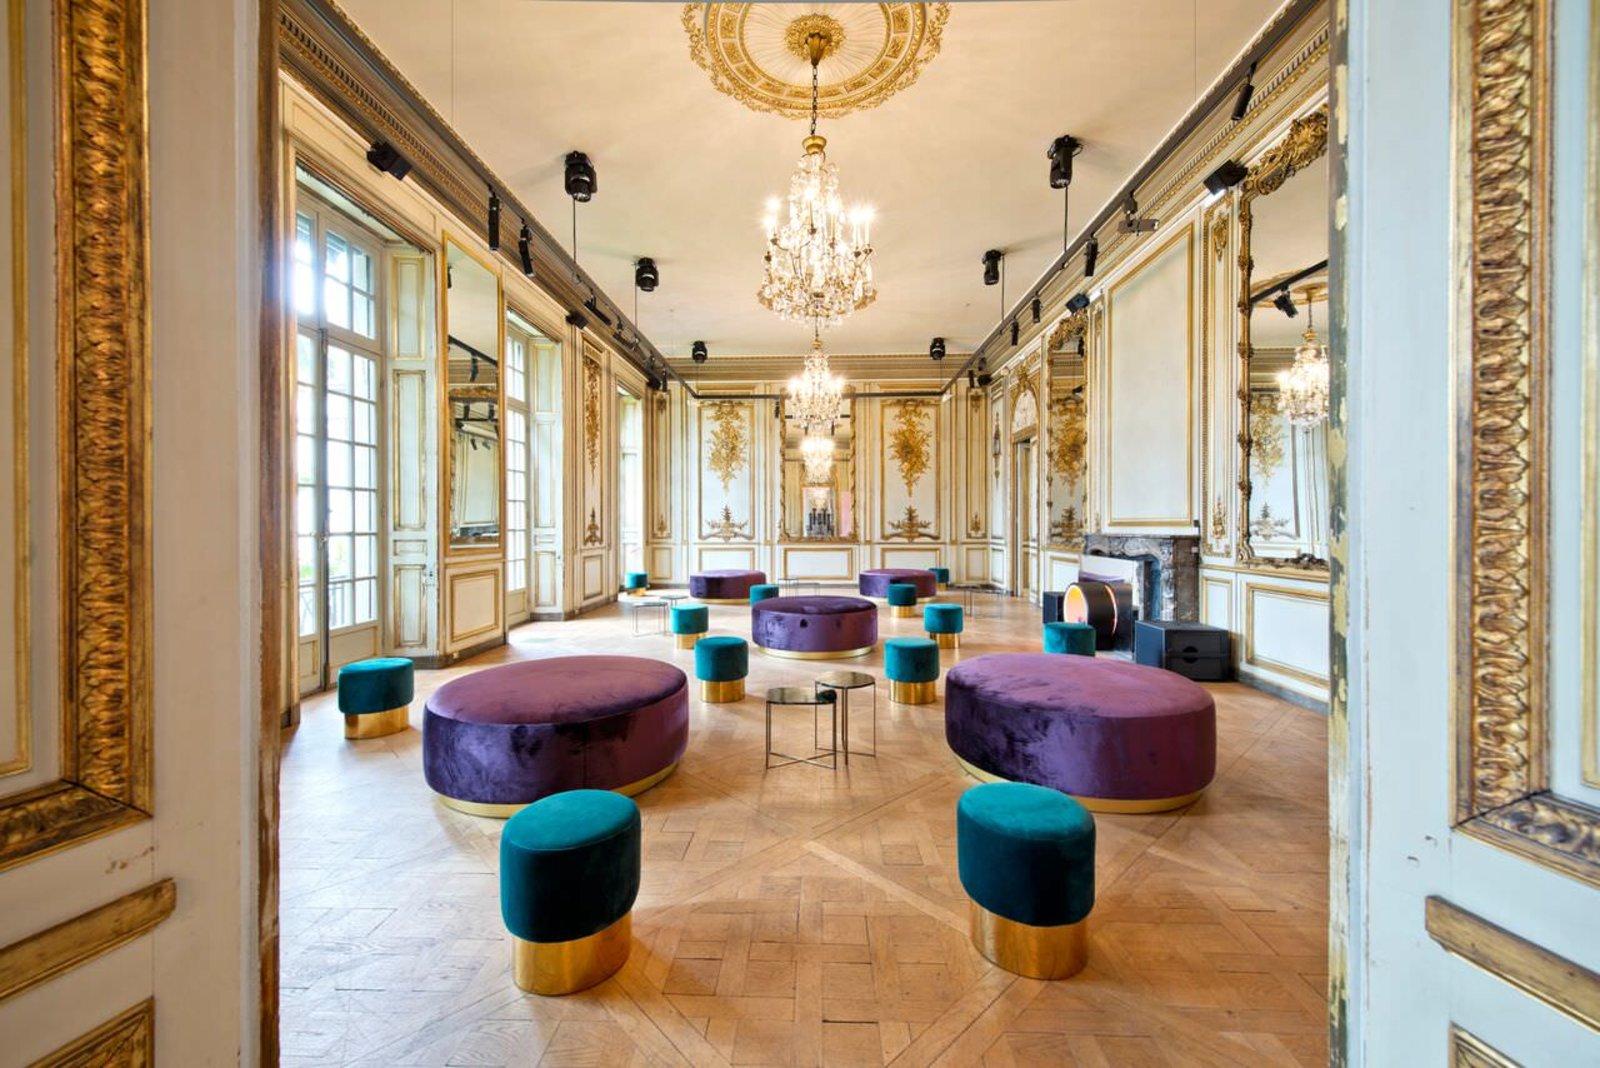 Hôtel particulier élégant dans le 16ème arrondissement